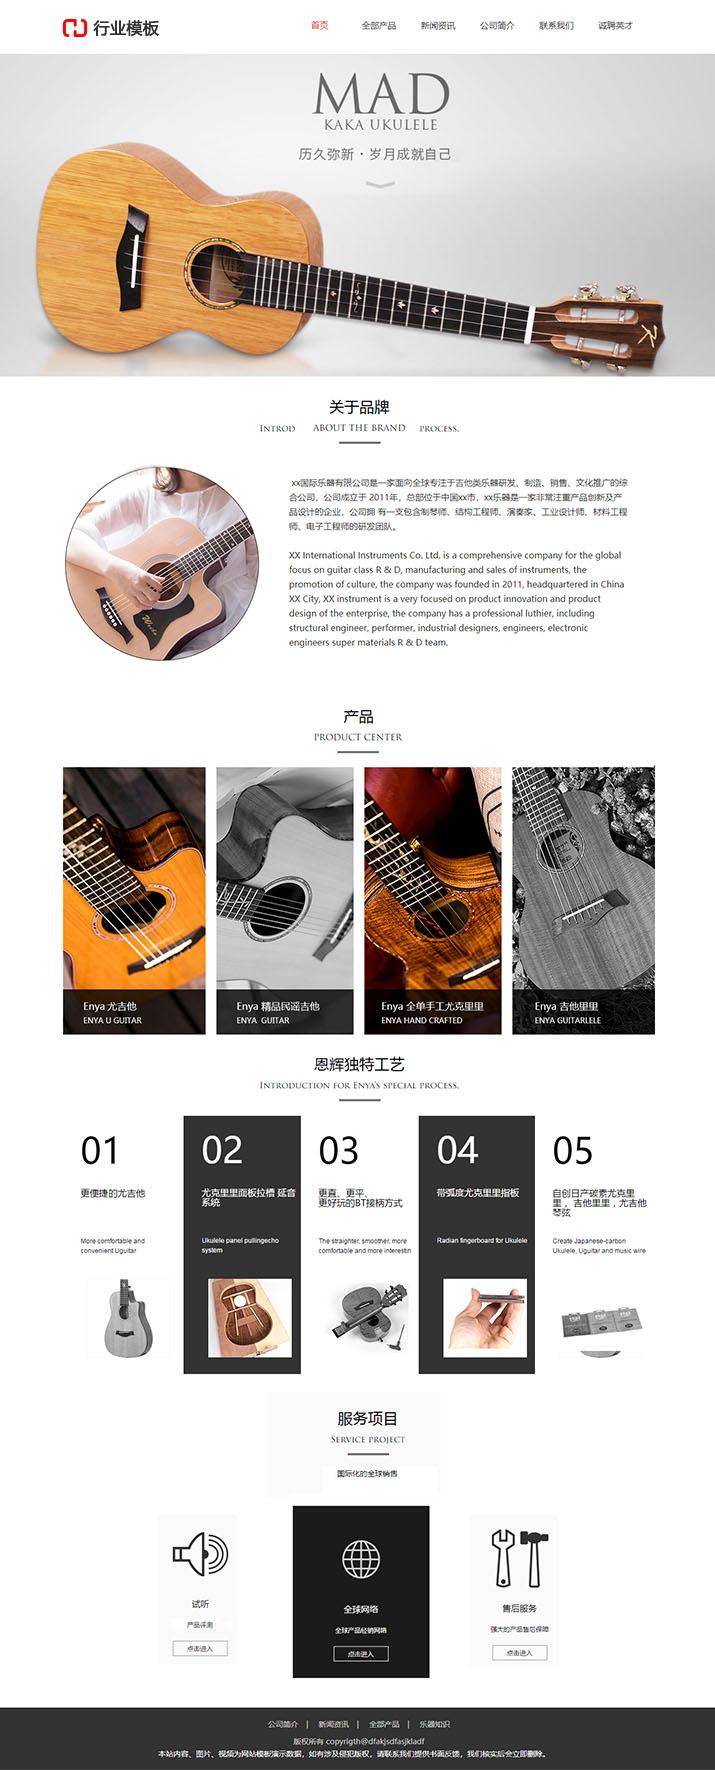 专业吉他乐器网站模板